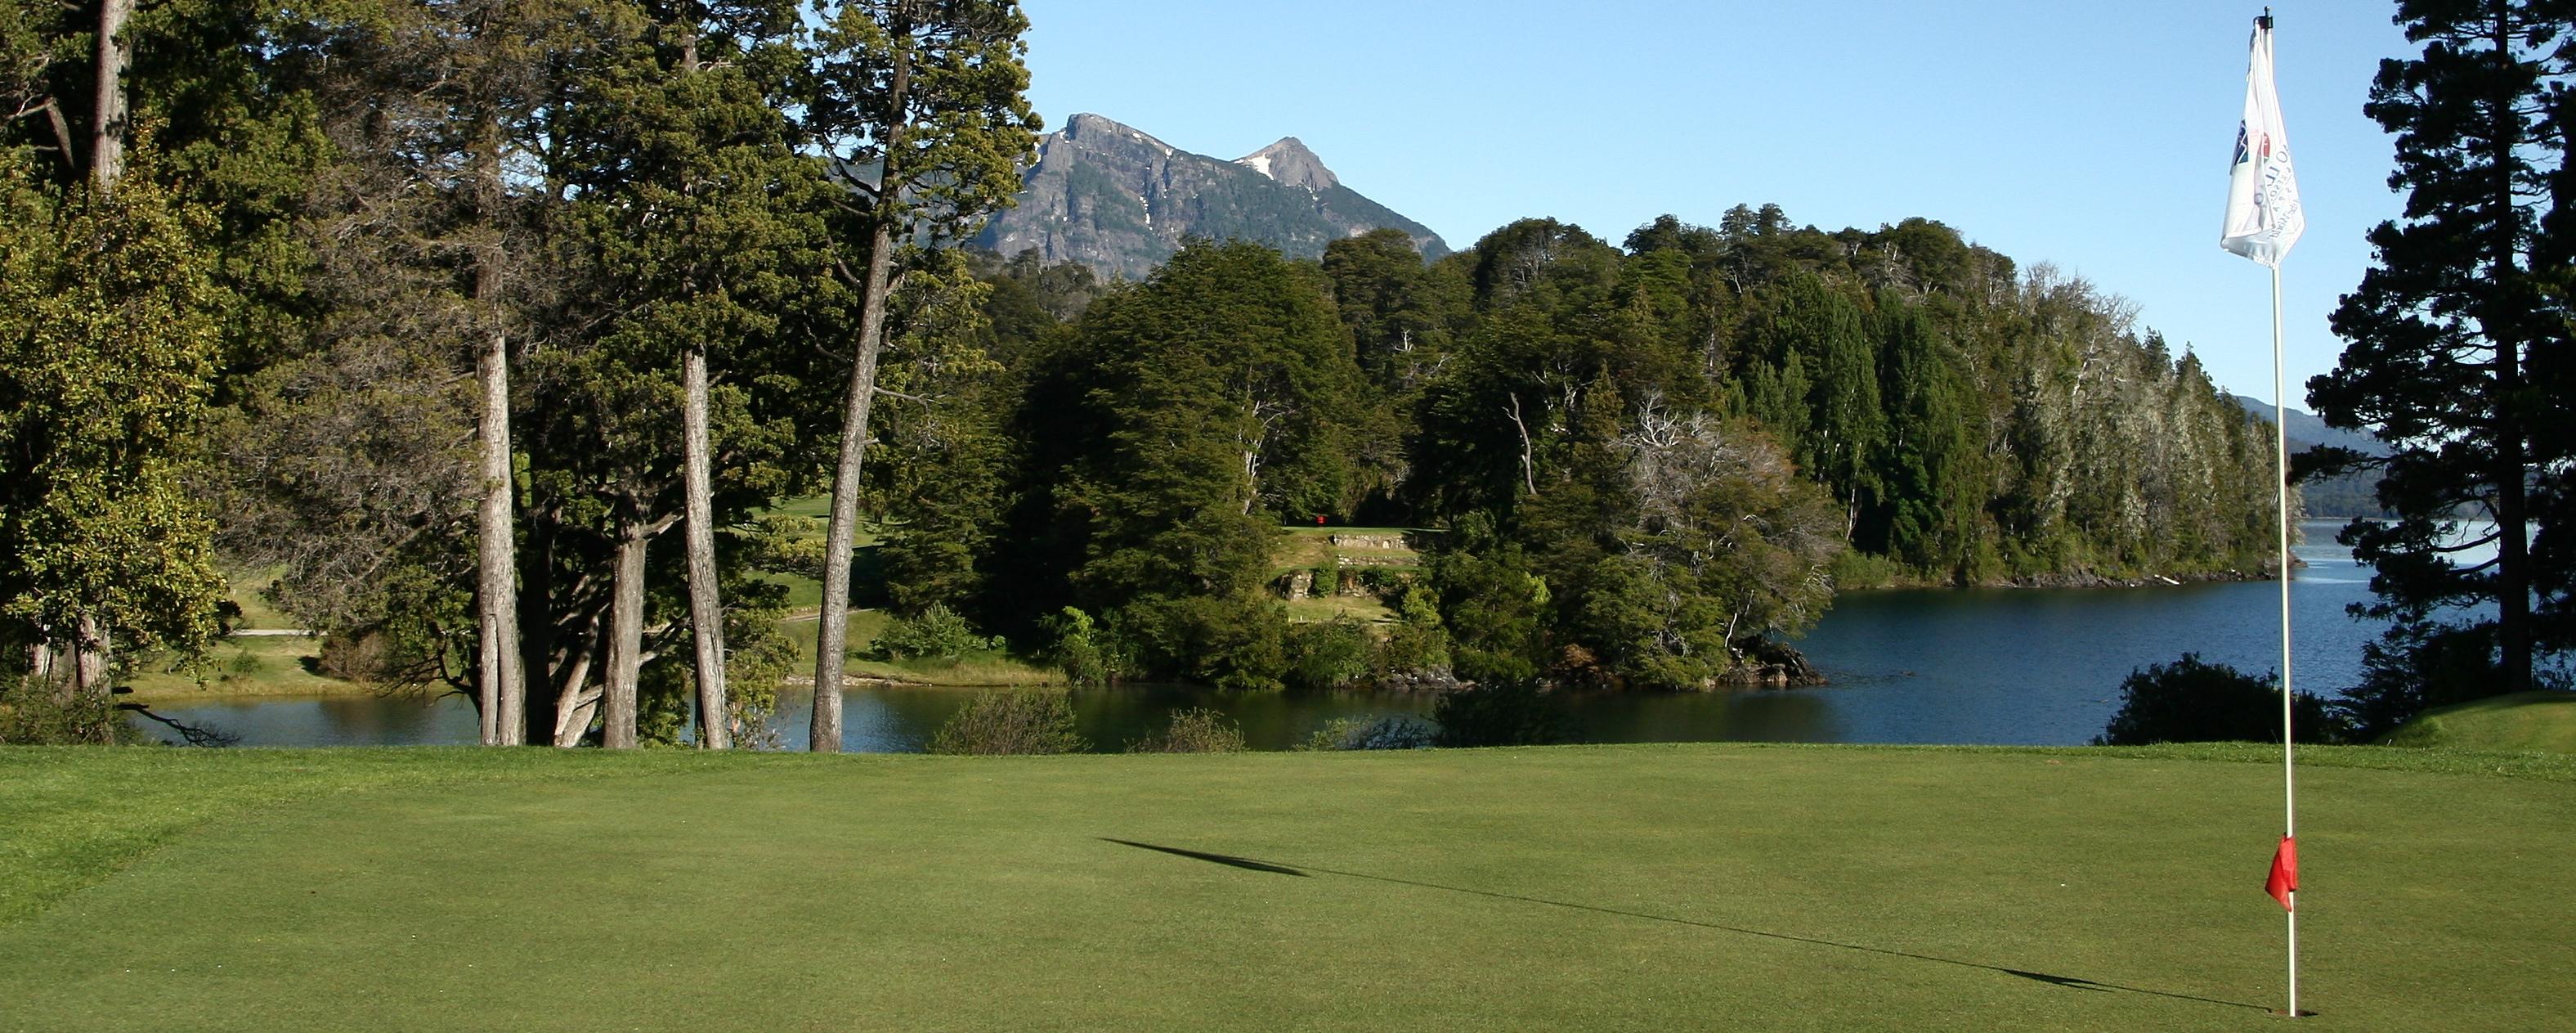 golf-course-llao-llao-hotel